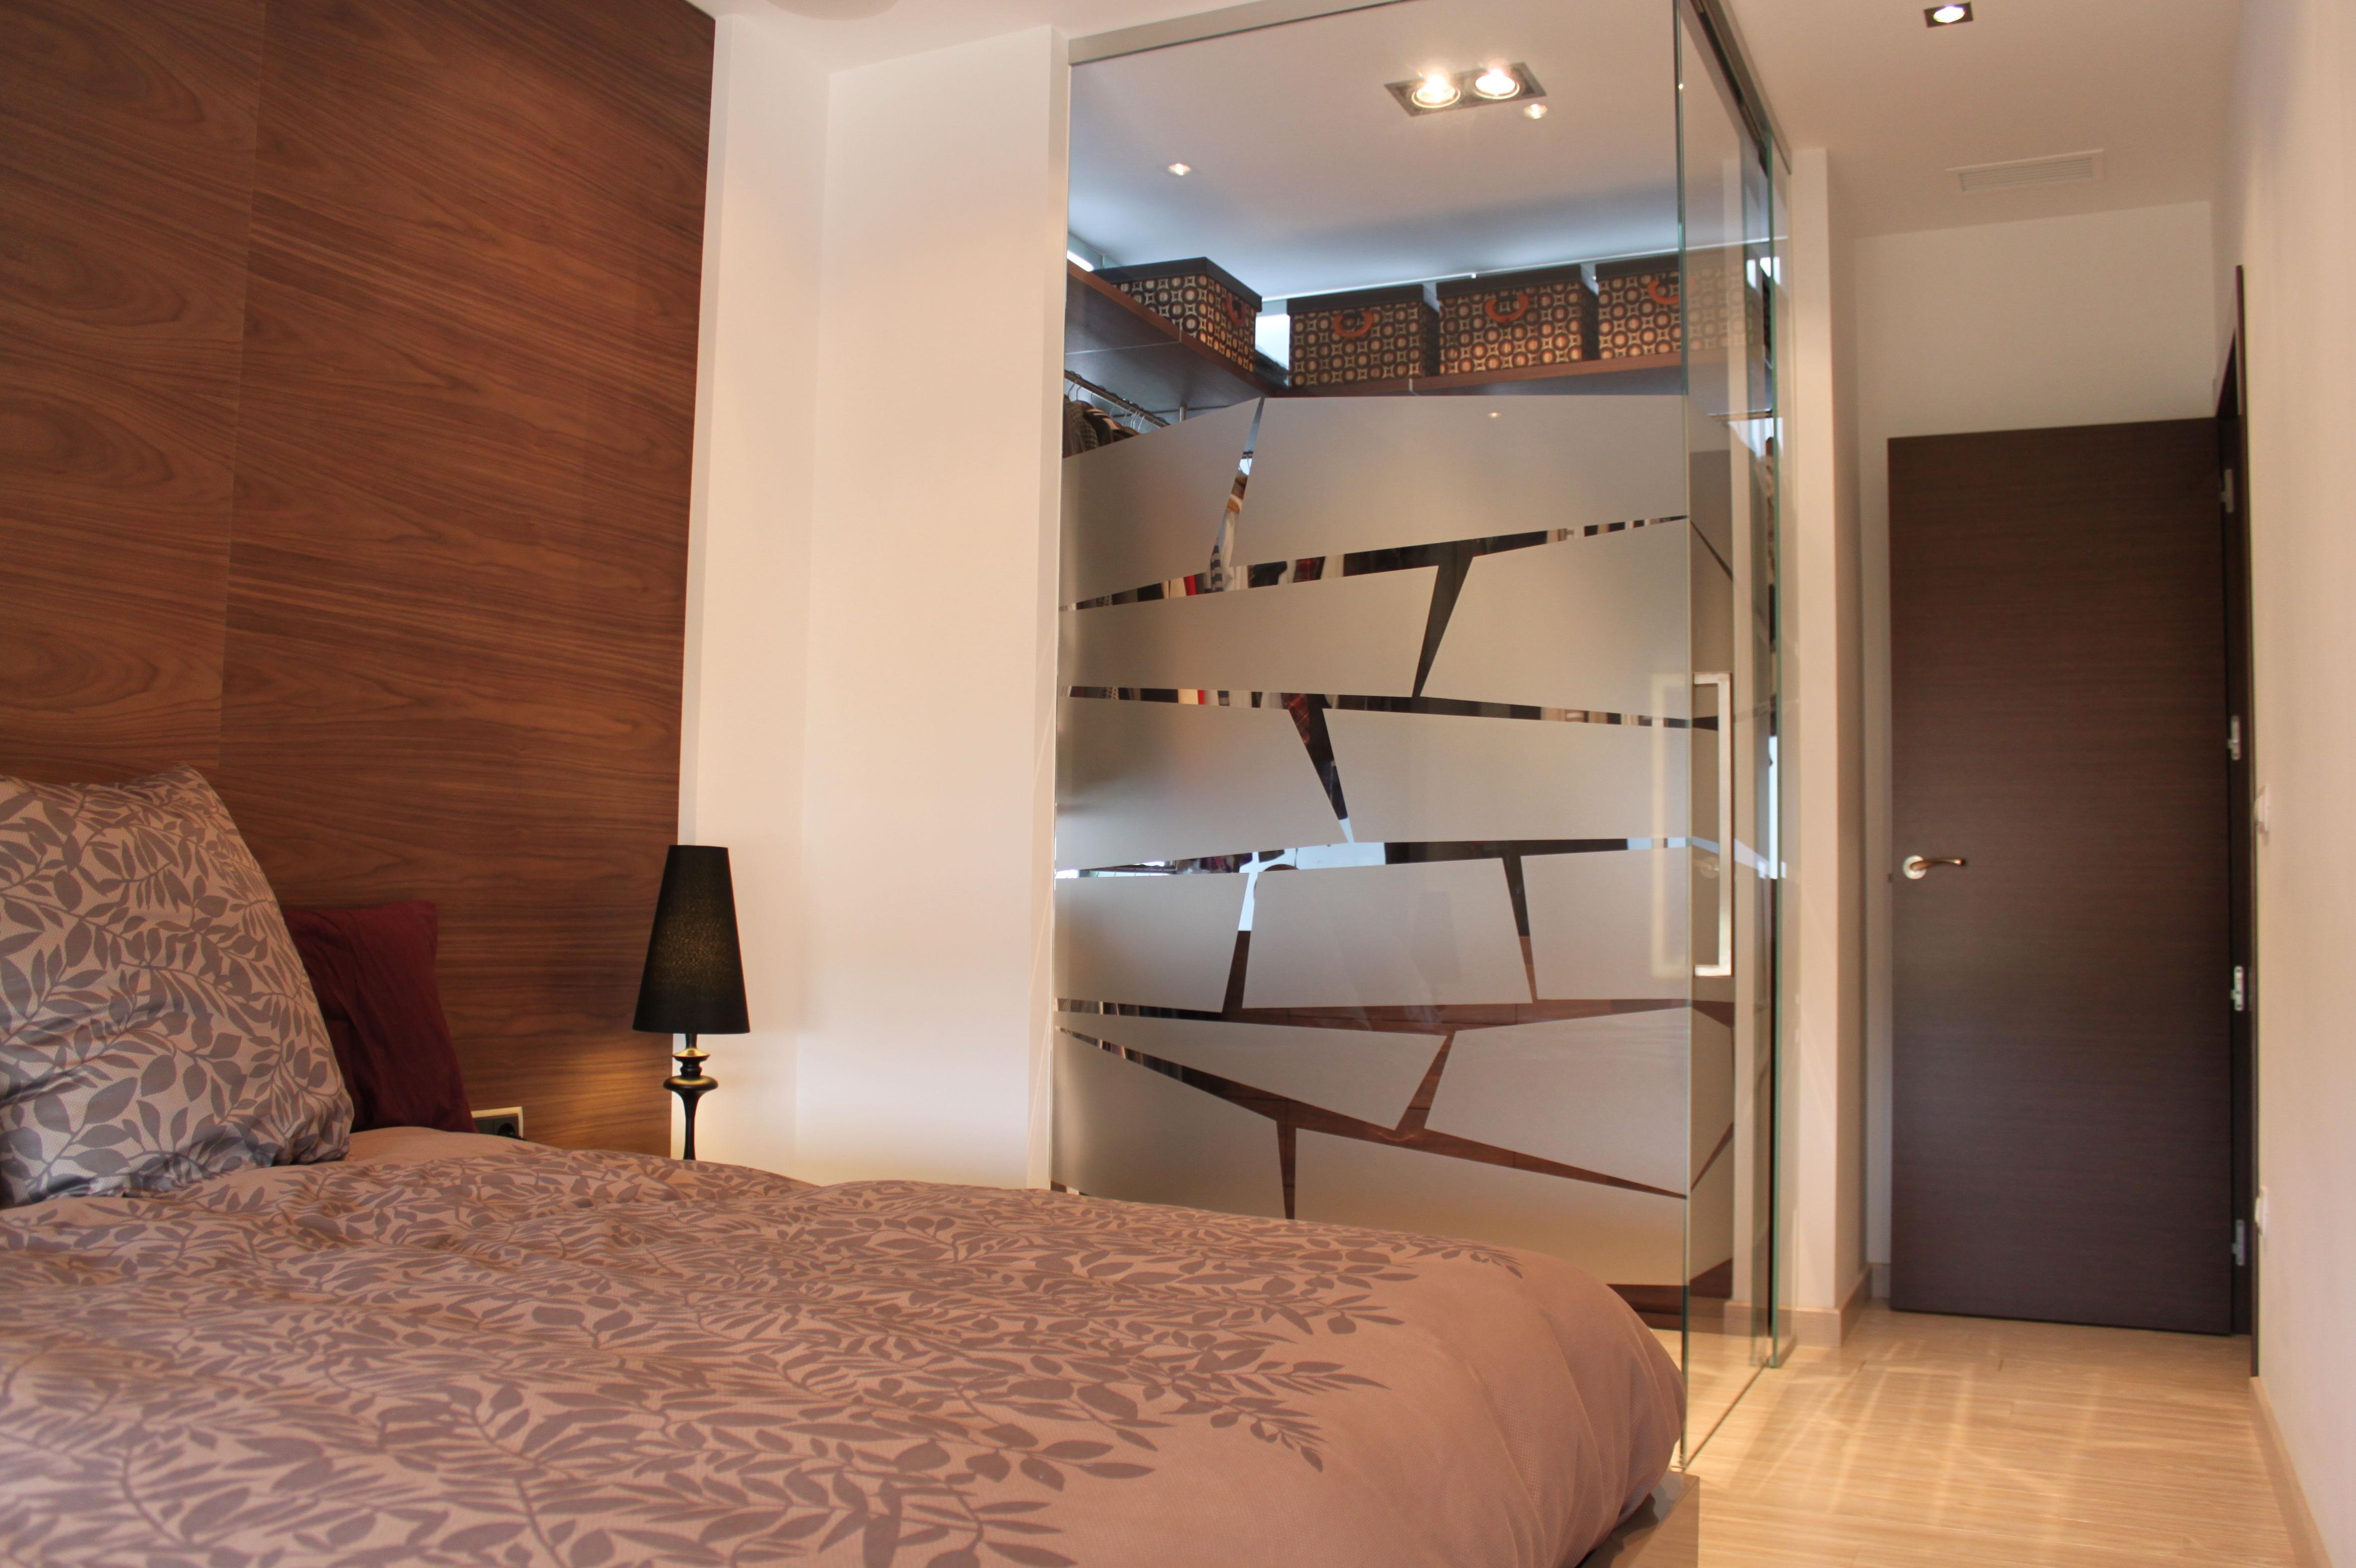 Puertas interiores de vidrio productos y sevicios de - Puertas de vidrio para interiores ...